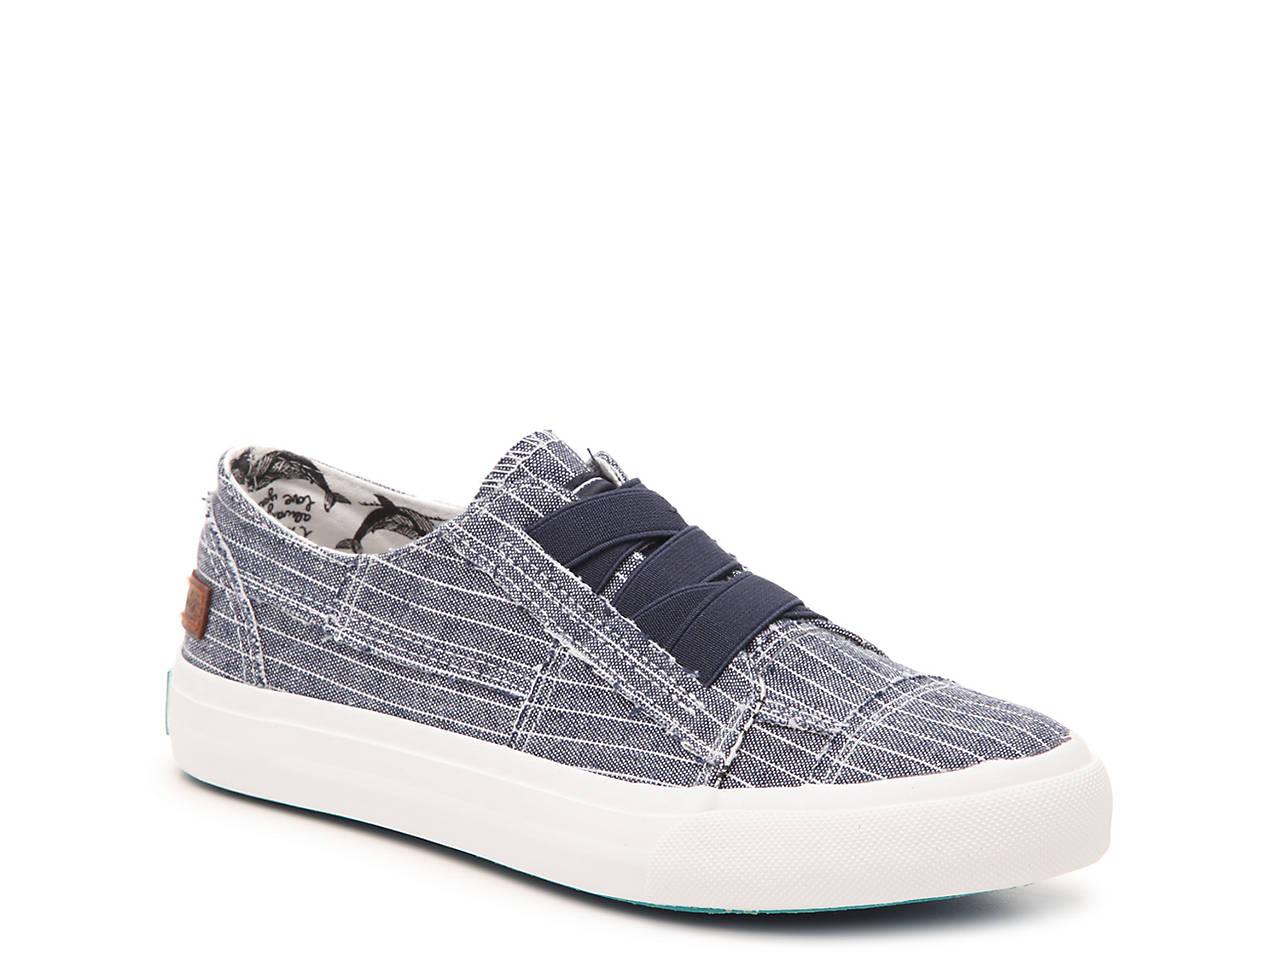 b9968602408b Blowfish Marley Slip-On Sneaker Women s Shoes